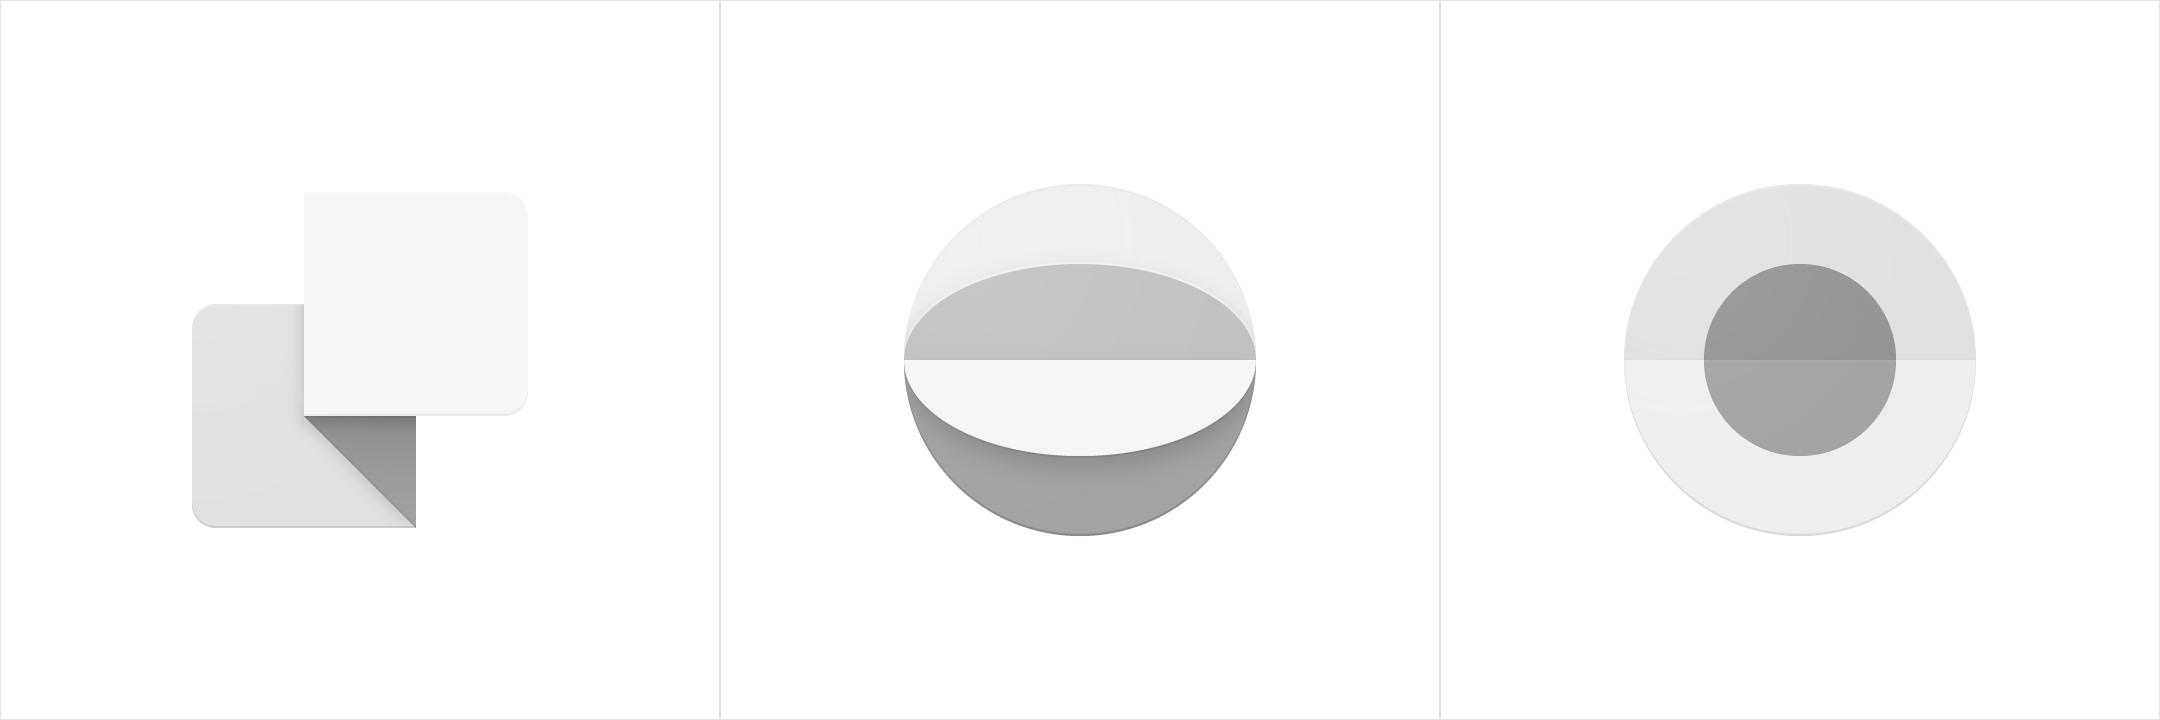 blog introcrea transformar iconos profundidad sombras